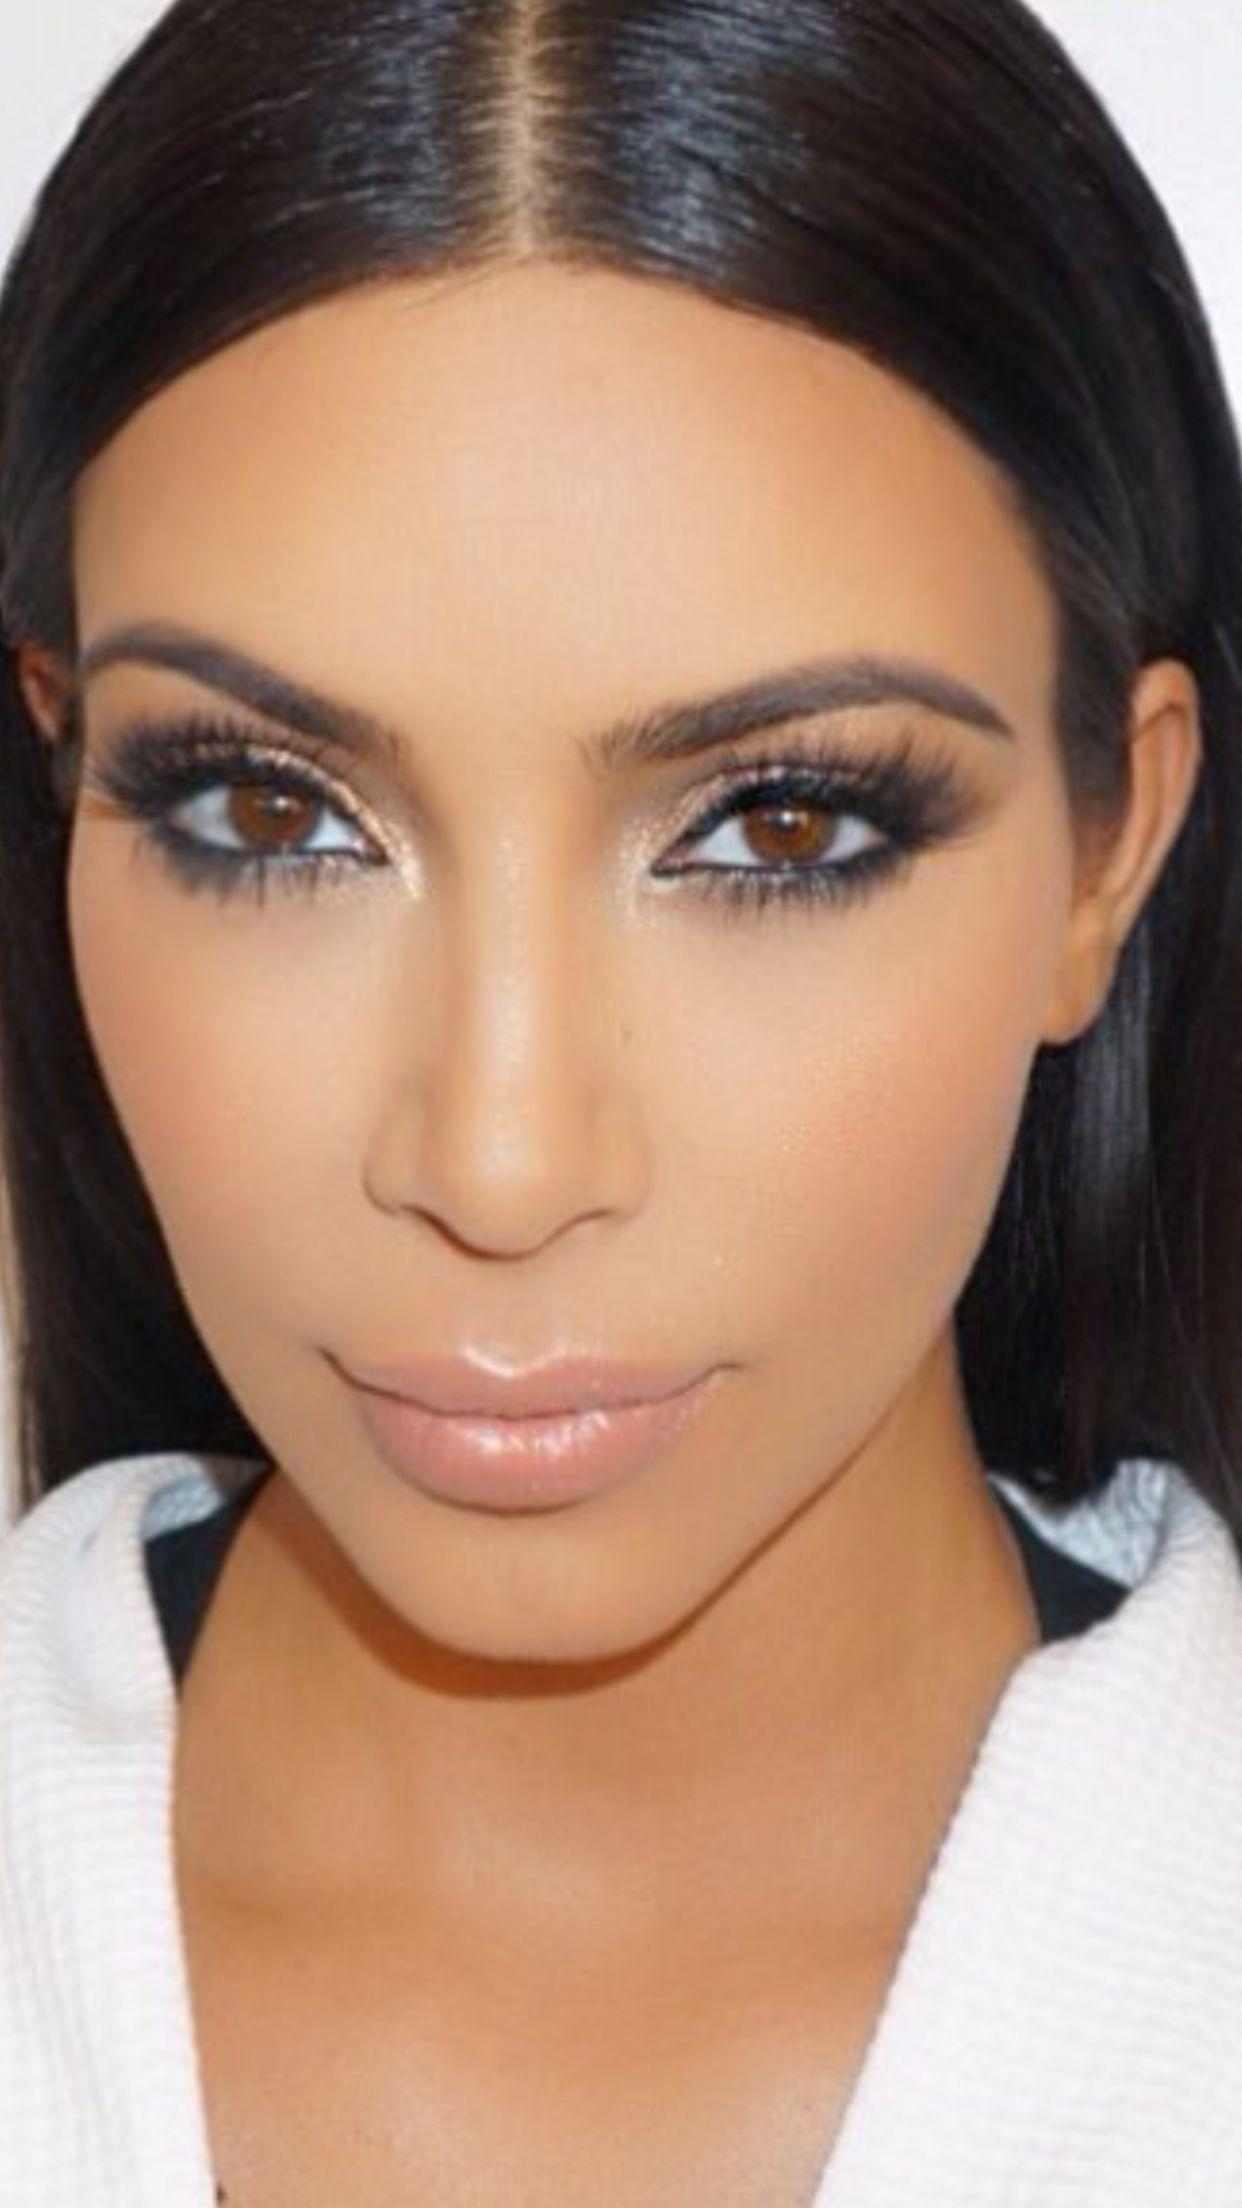 Kim Kardashian West makeup July 2015 Kim kardashian